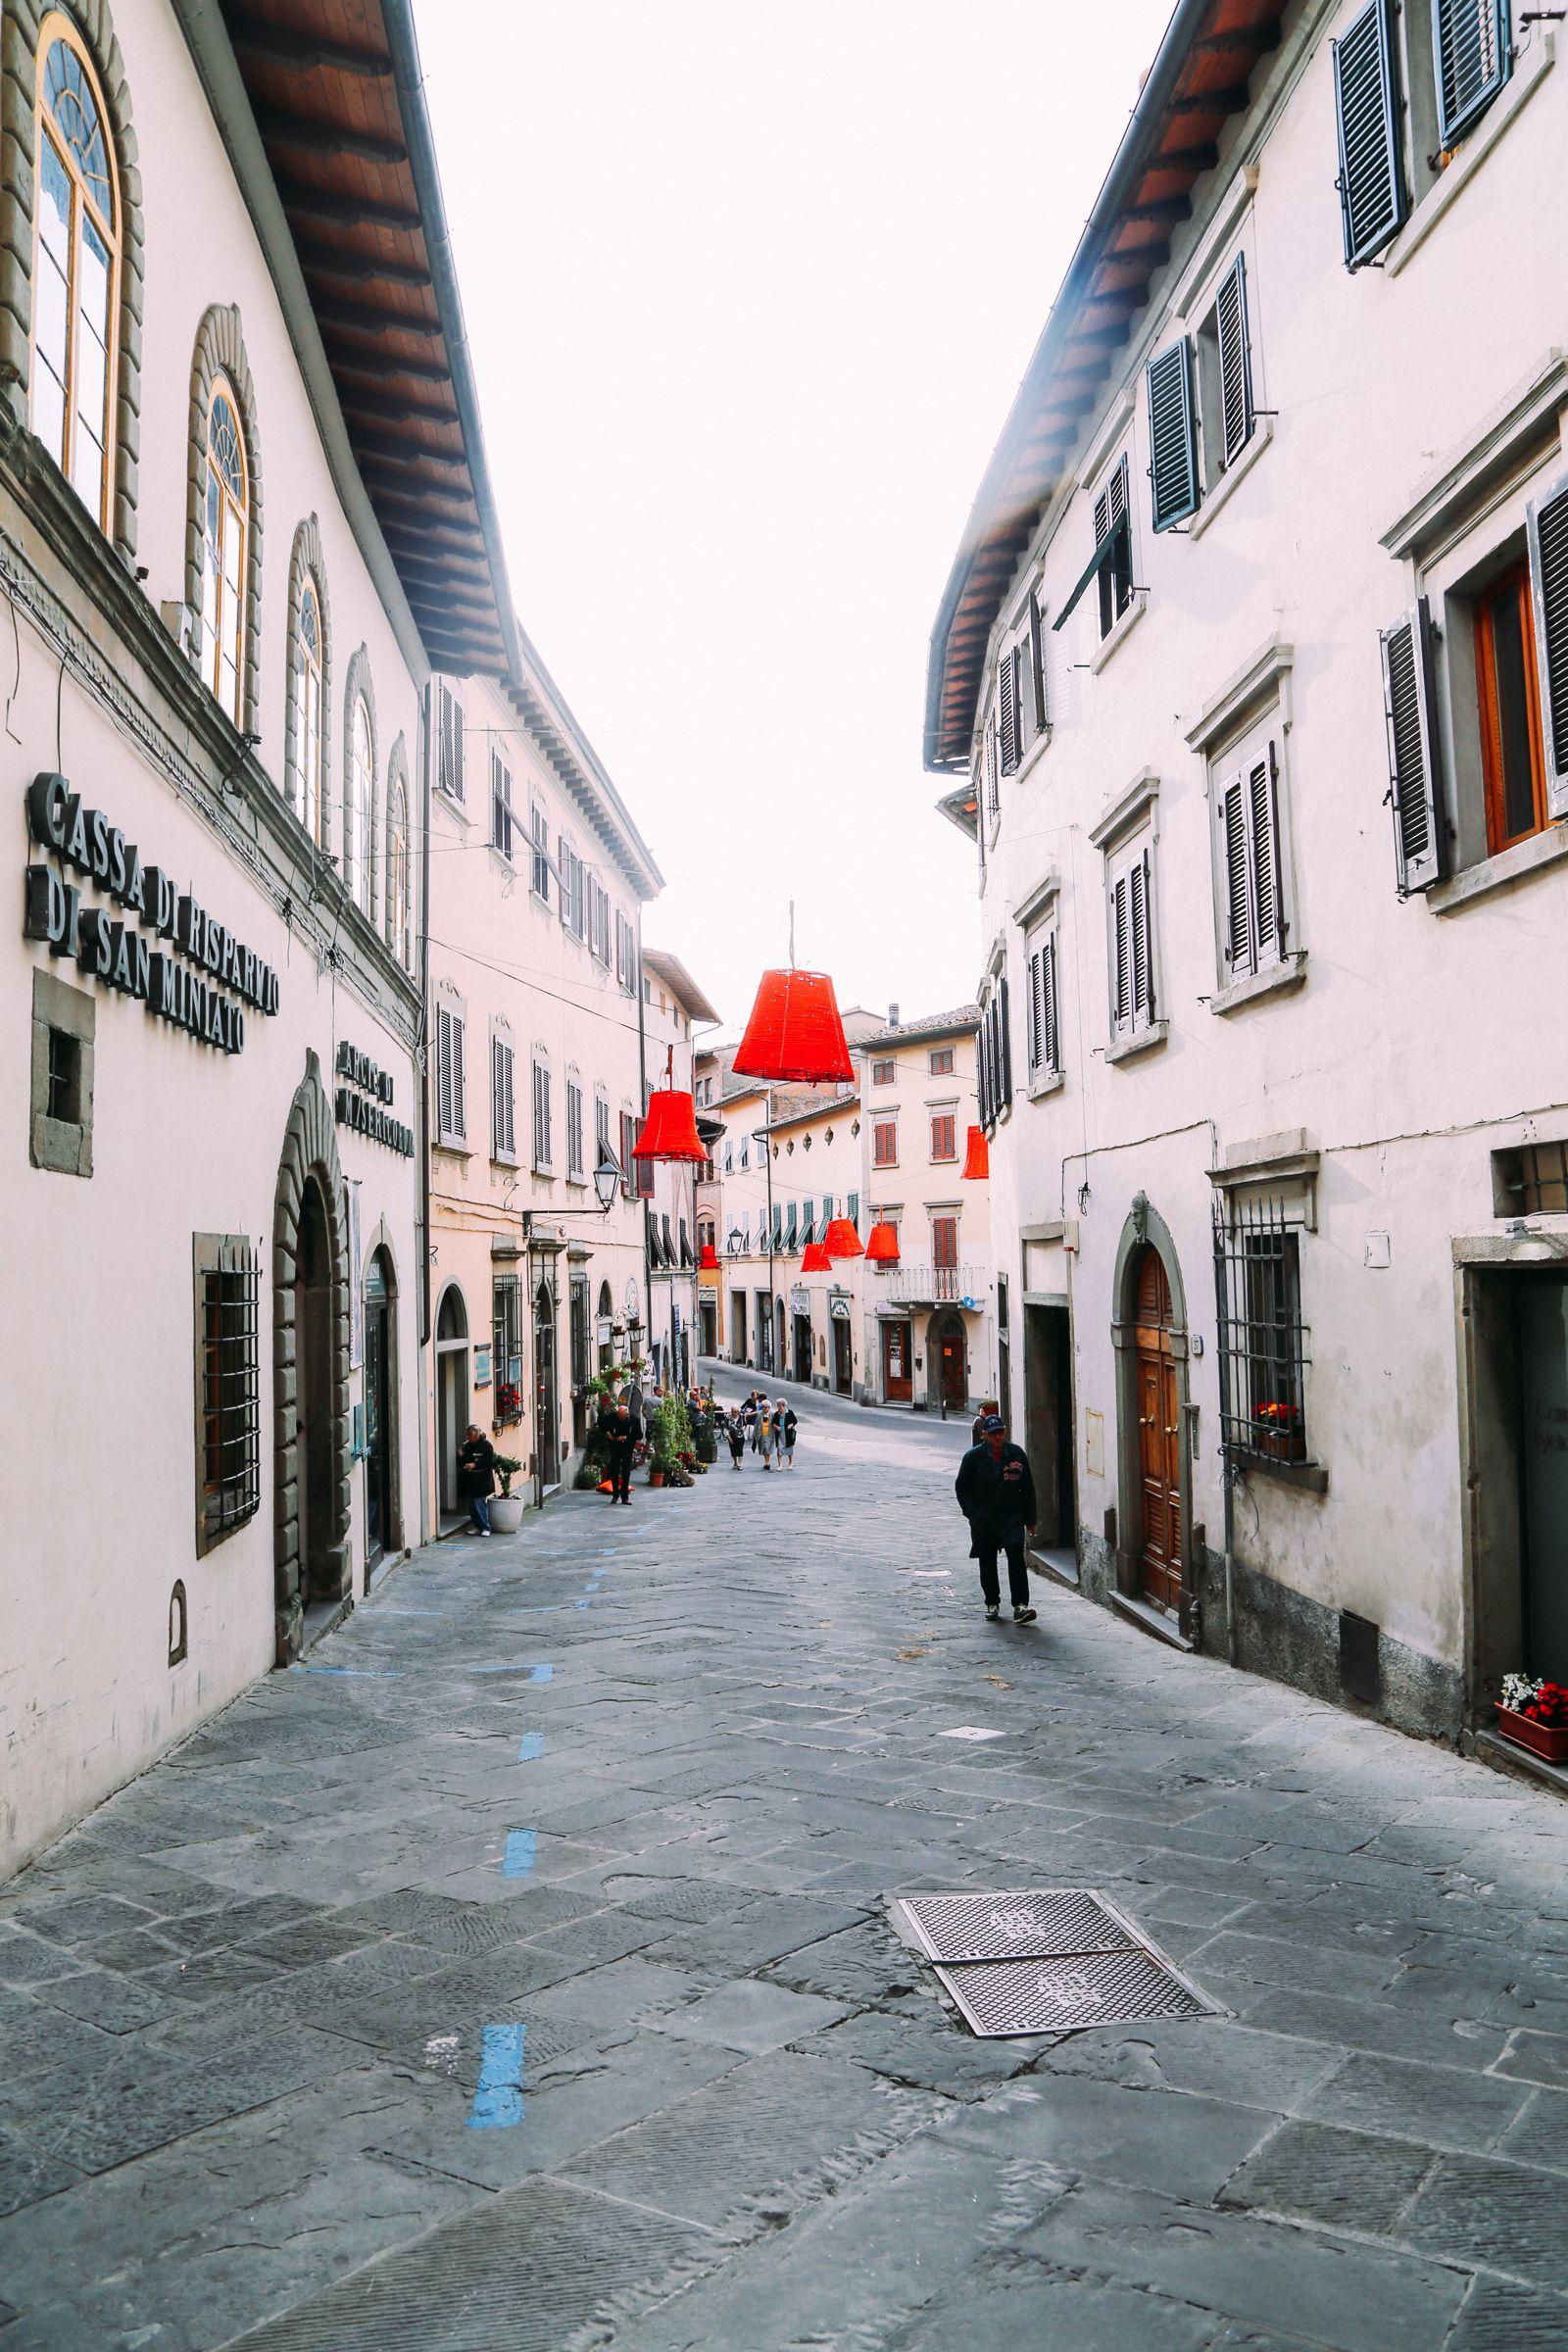 The Beautiful Tuscan Town Of San Miniato, Italy (25)